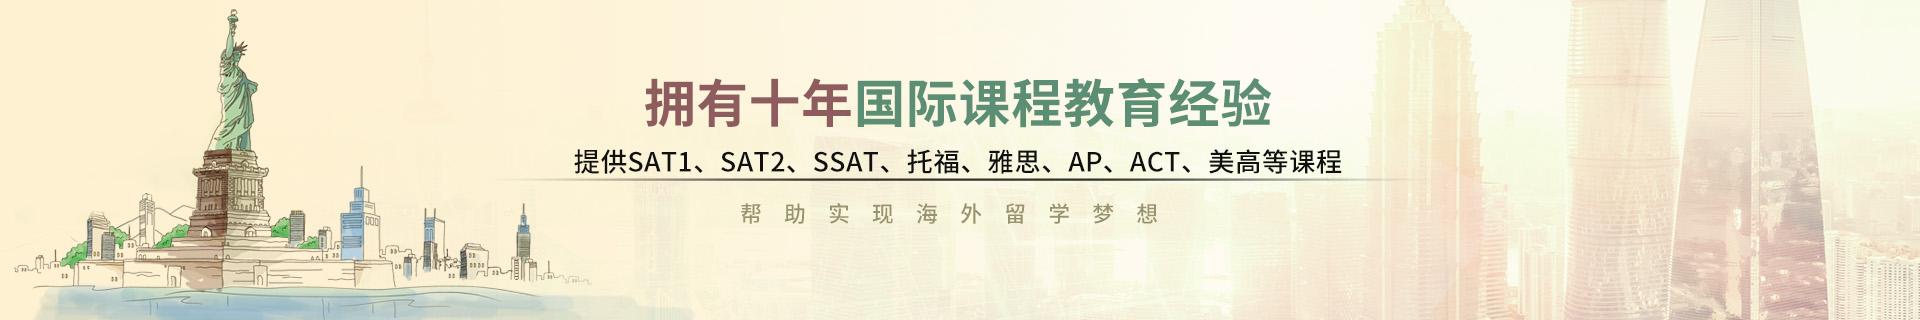 上海静安区愚园路三立精选教育培训机构